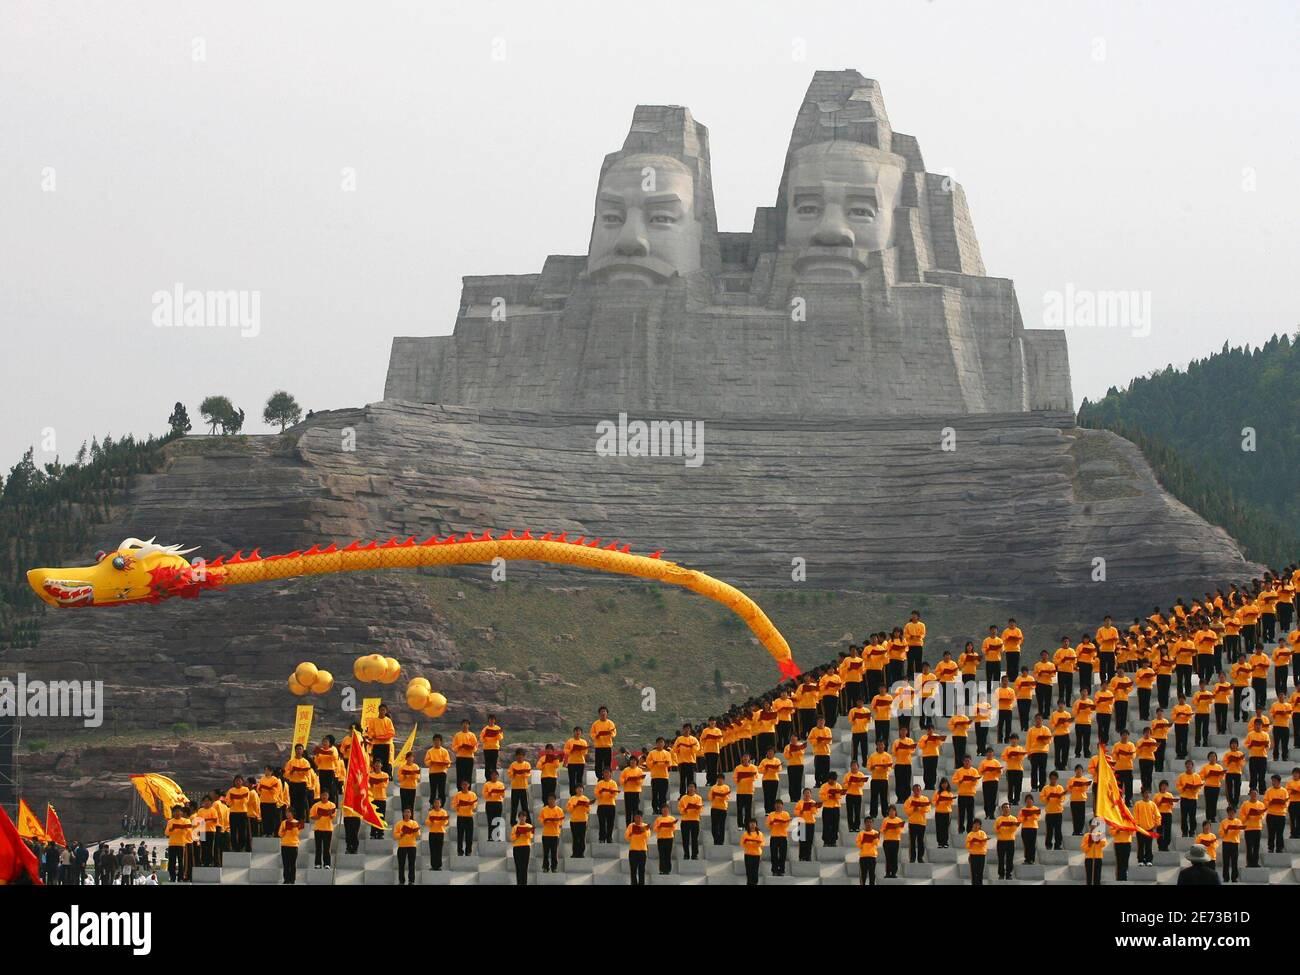 Les gens se présentent lors d'une répétition devant les statues de Huang Di et de Yan Di, qui sont vénérés comme les ancêtres communs du peuple chinois, à Zhengzhou, dans la province du Henan en Chine centrale le 16 avril 2007. La cérémonie d'achèvement des statues, qui ont une hauteur d'environ 106 mètres (348 pieds) et ont coûté 180 millions de yuans (23 millions de dollars), aura lieu mercredi, selon les médias locaux. REUTERS/Donald Chan (CHINE) Banque D'Images